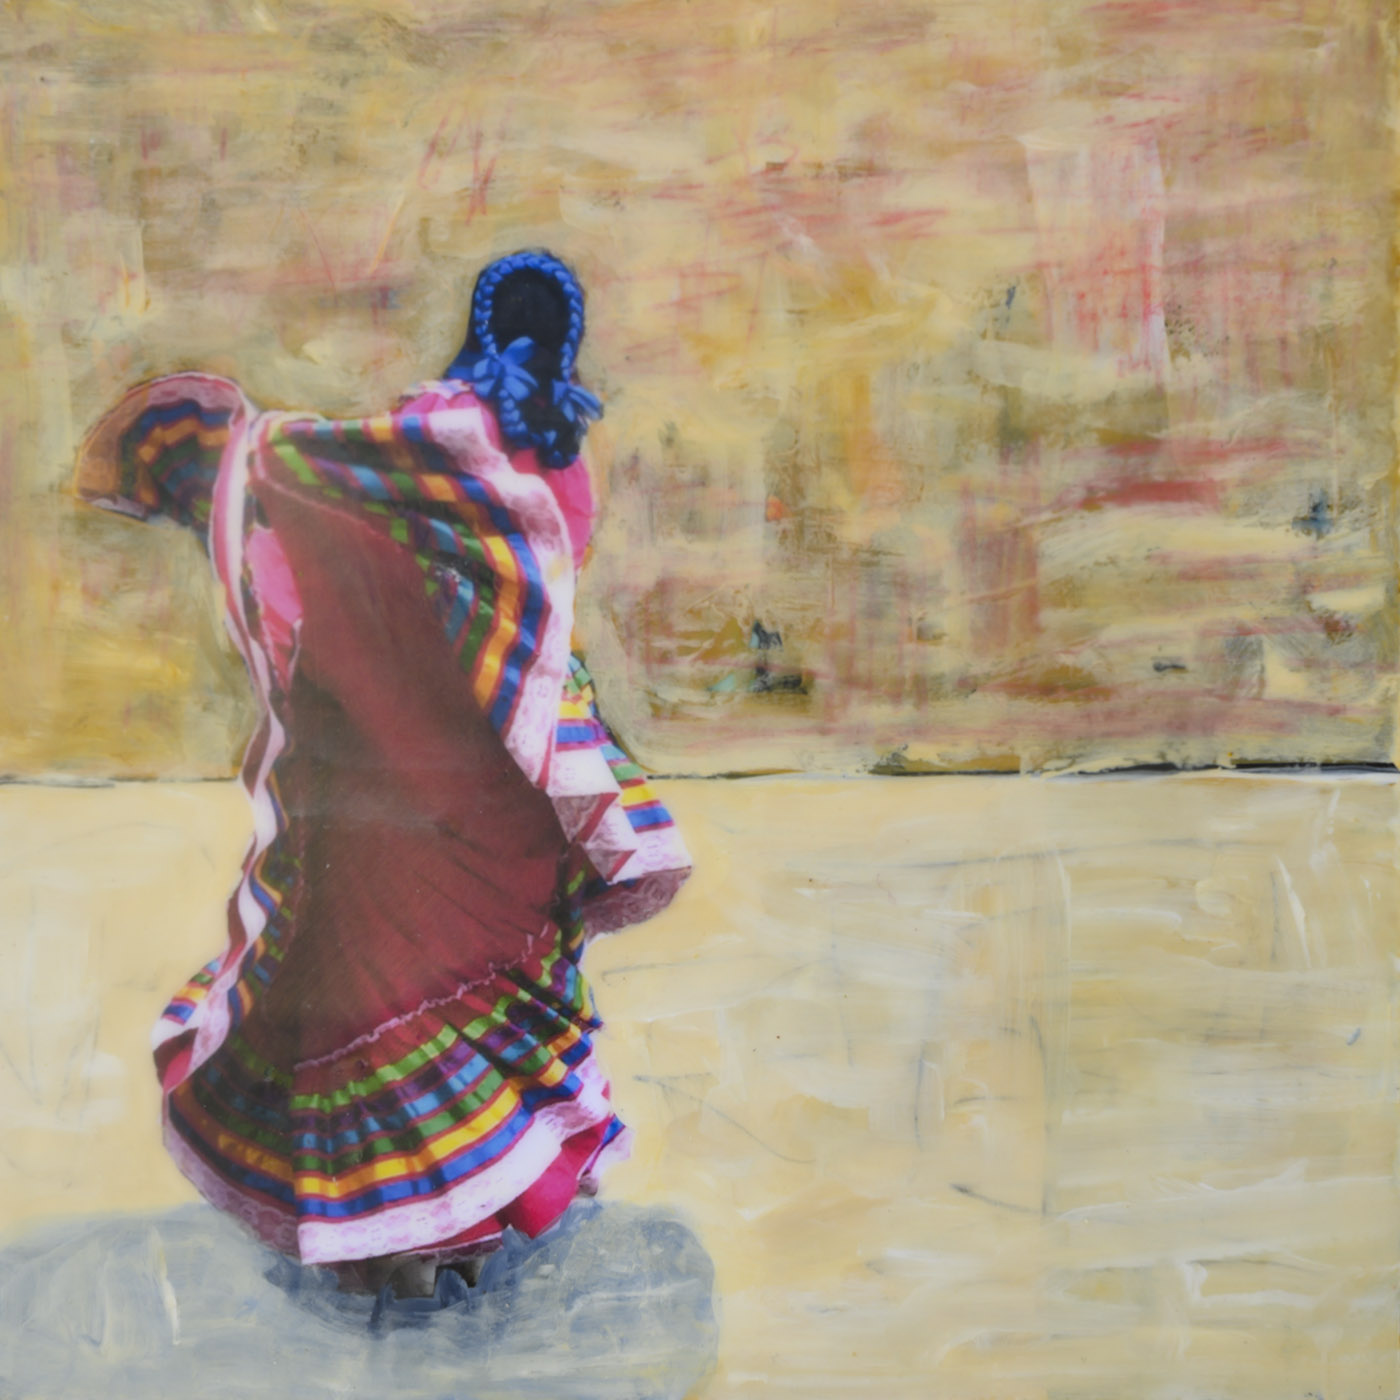 Cultural Diversity 5 - Spanish Dancer - sold